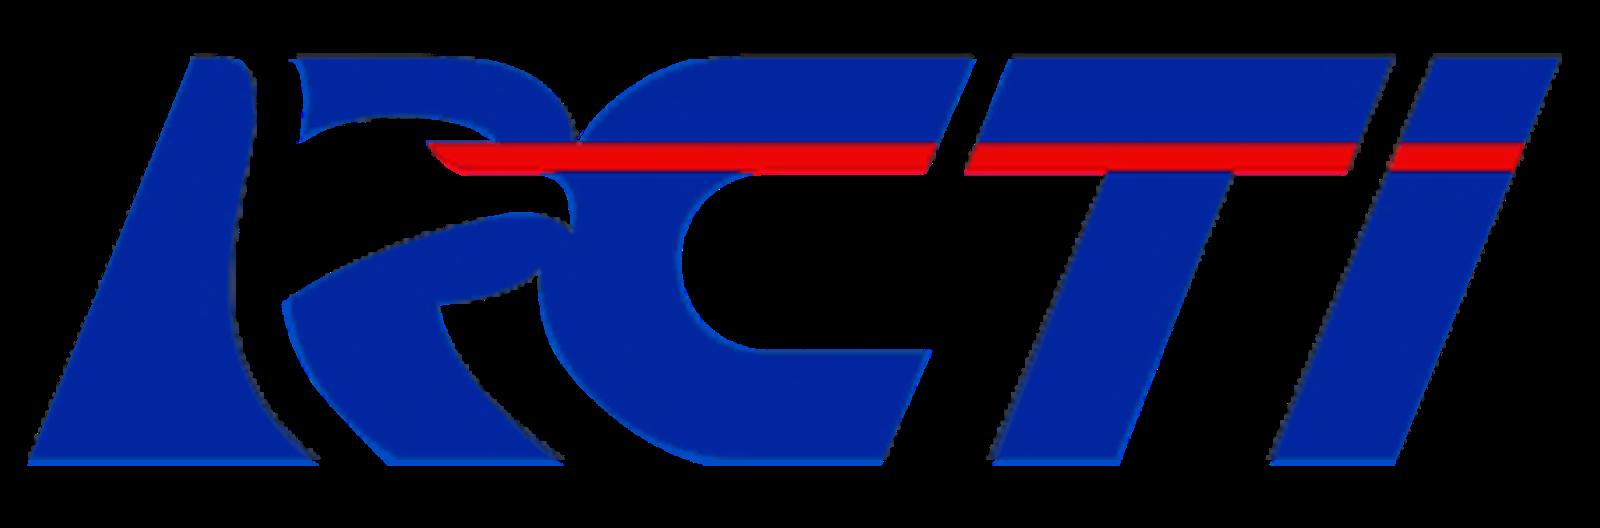 Lowongan Kerja di Rajawali Citra Televisi Indonesia (RCTI) November Terbaru 2014